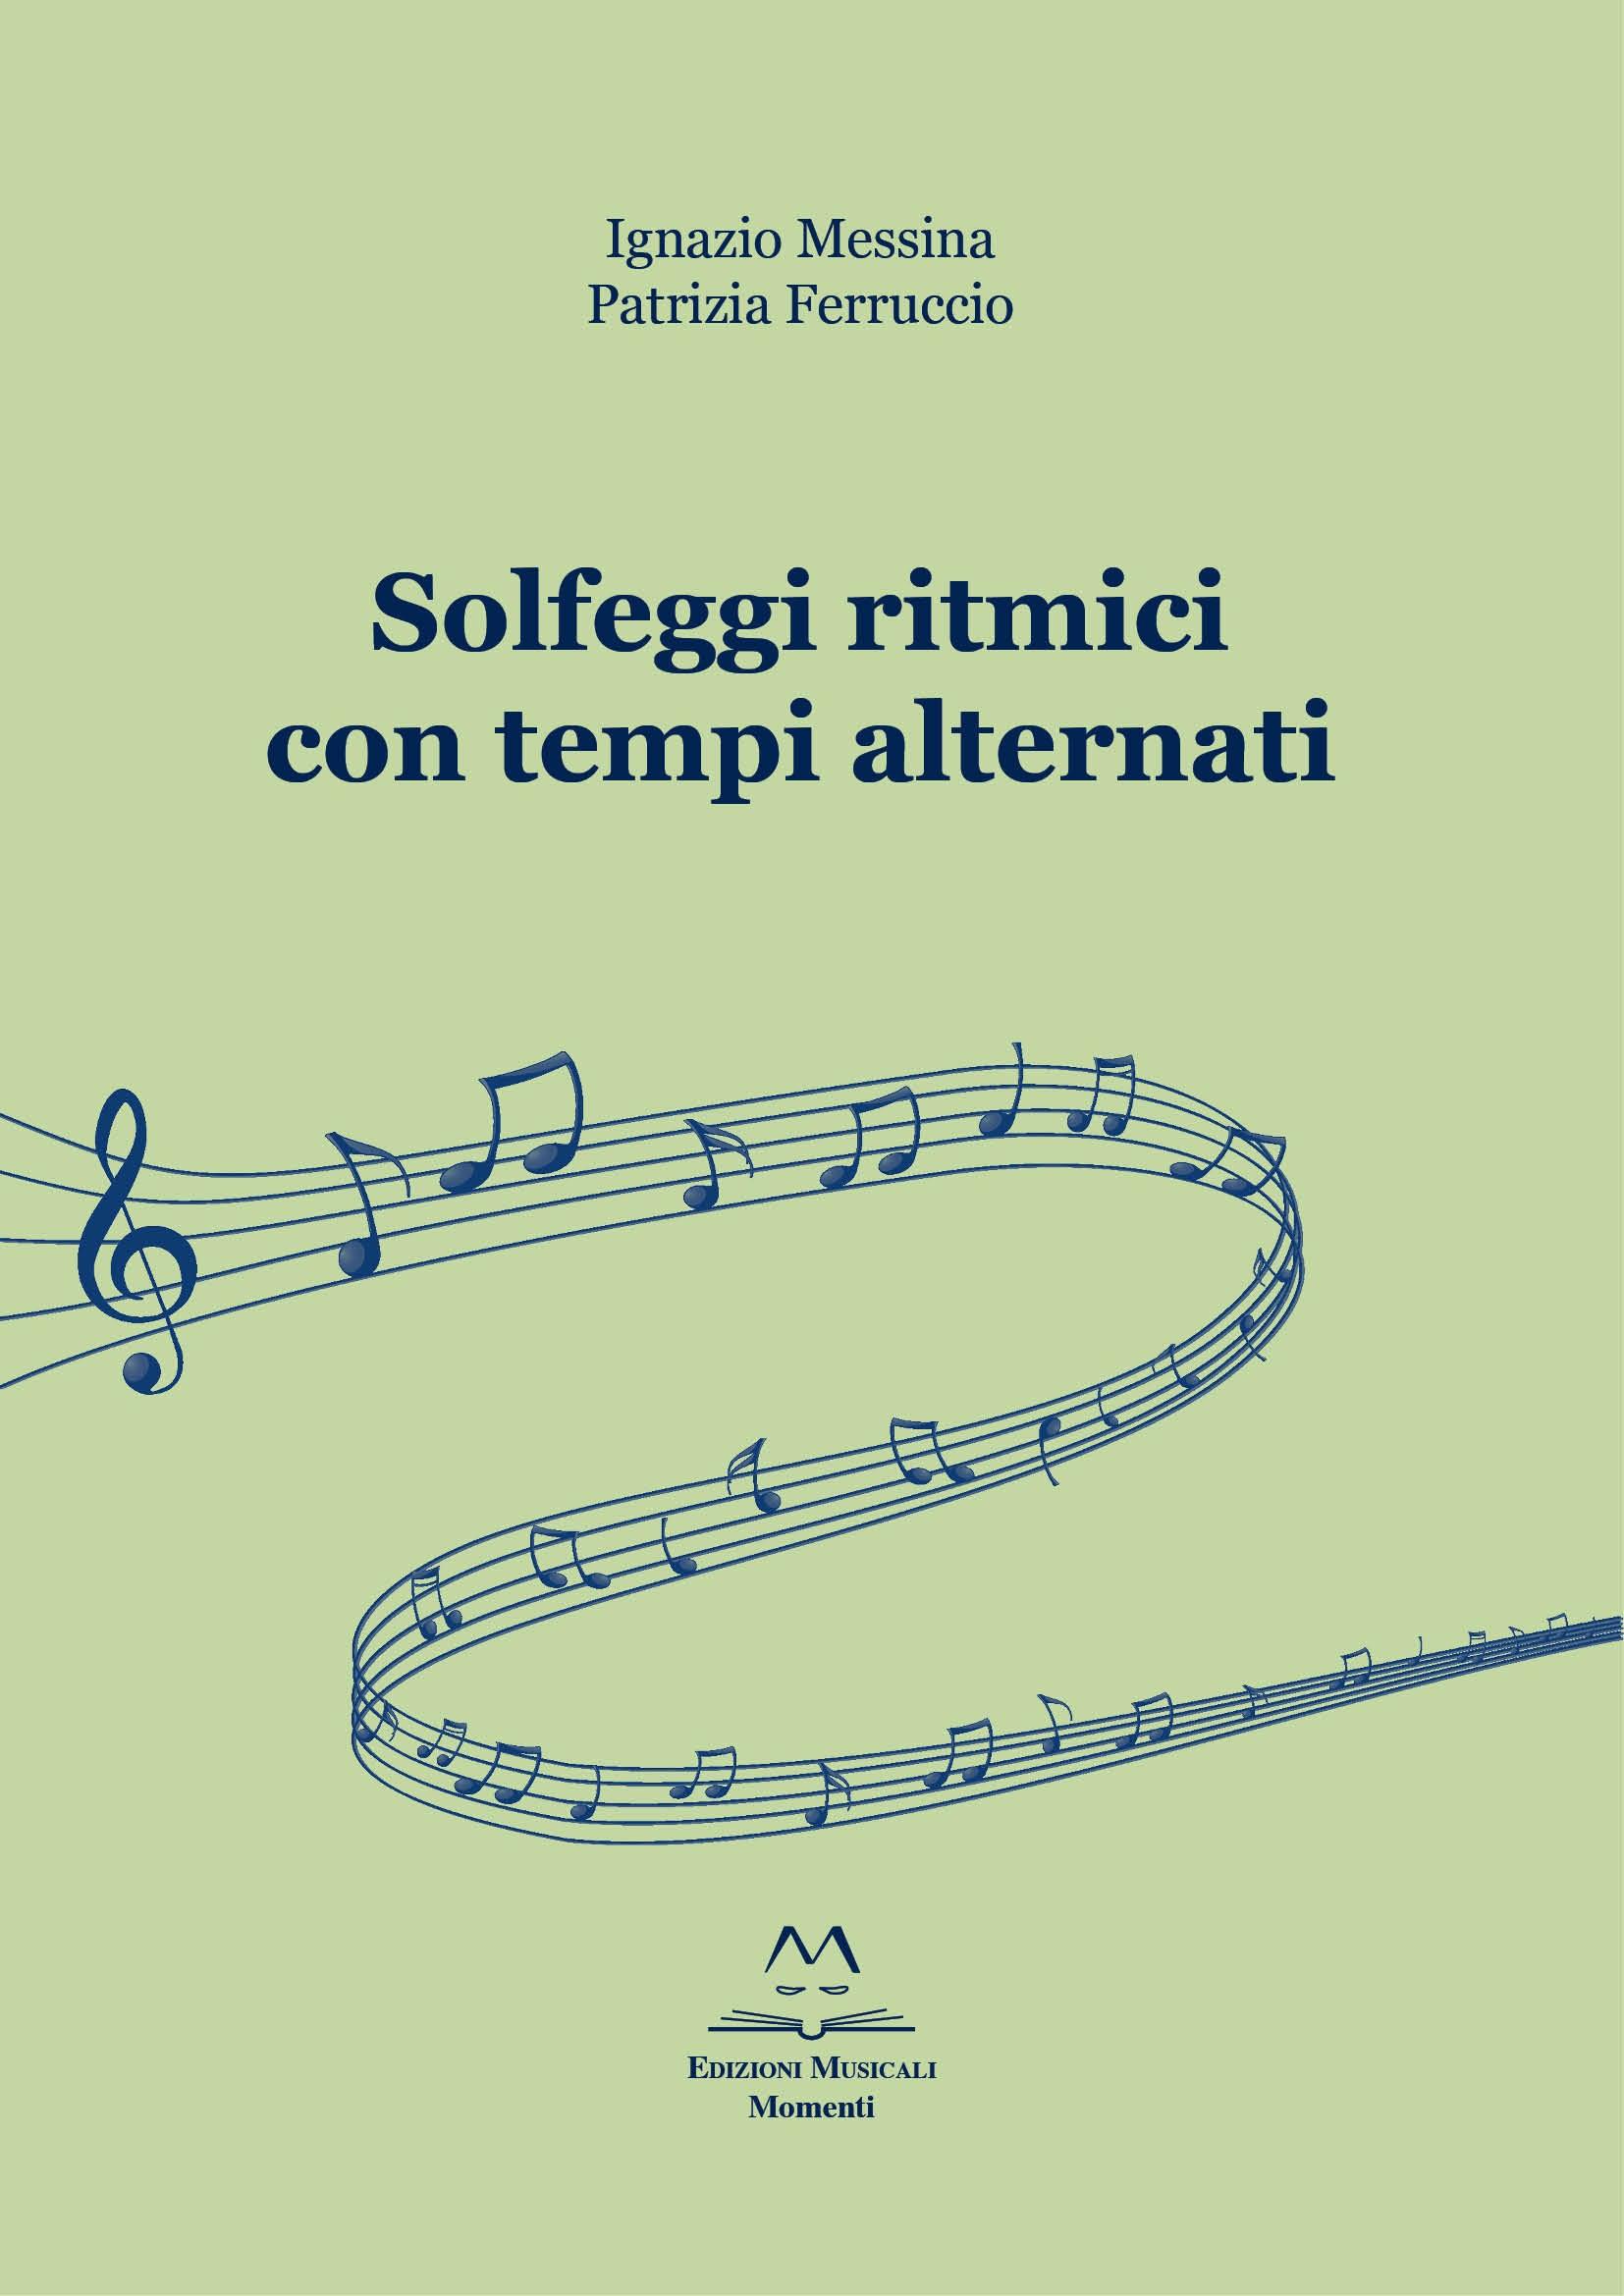 Solfeggi ritmici con tempi alternati di I. Messina e P. Ferruccio